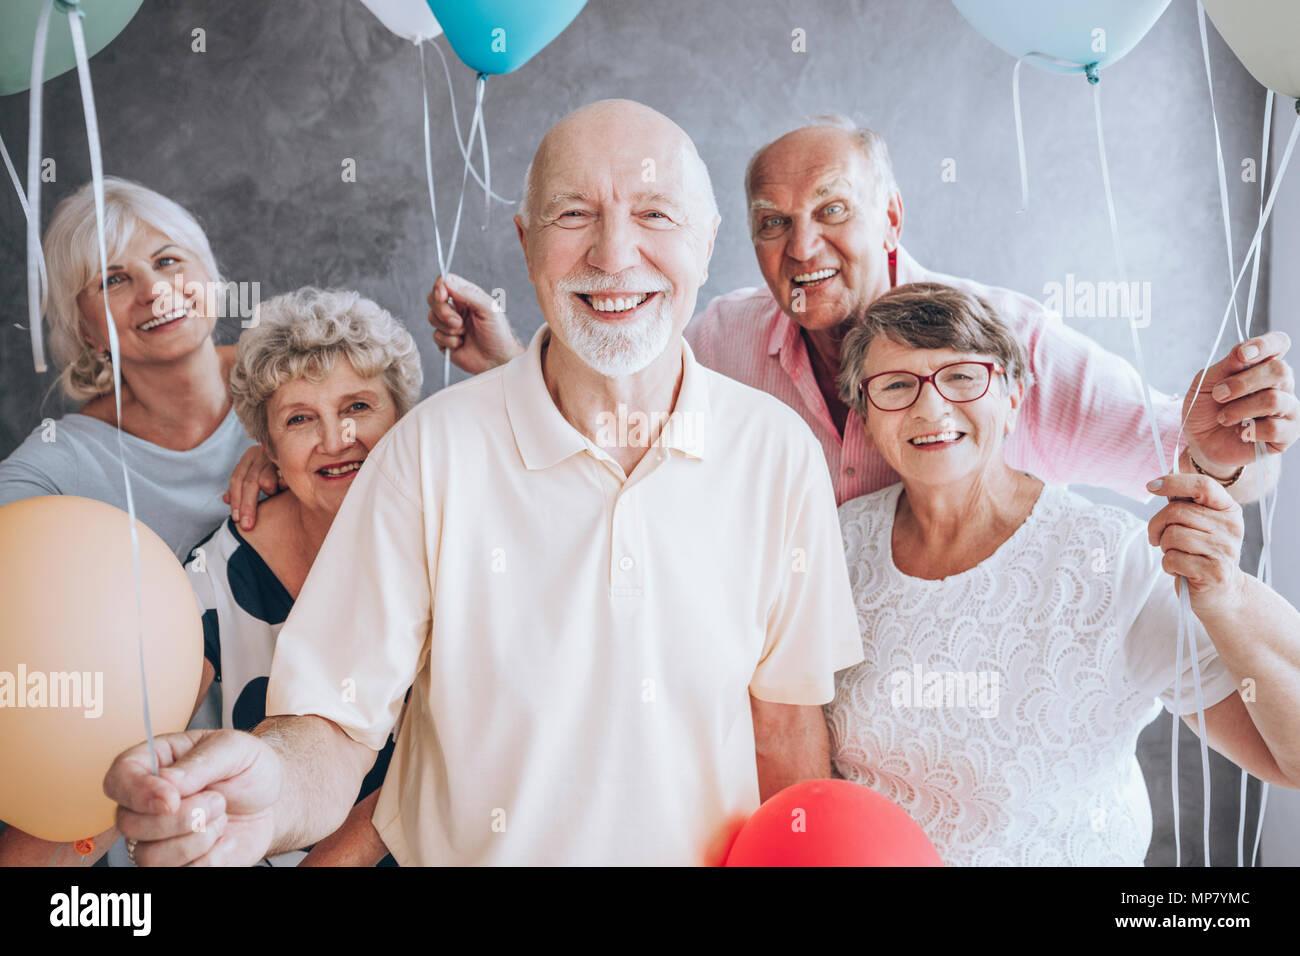 Sorridente uomo anziano e i suoi amici con palloncini godendo la sua festa di compleanno Immagini Stock